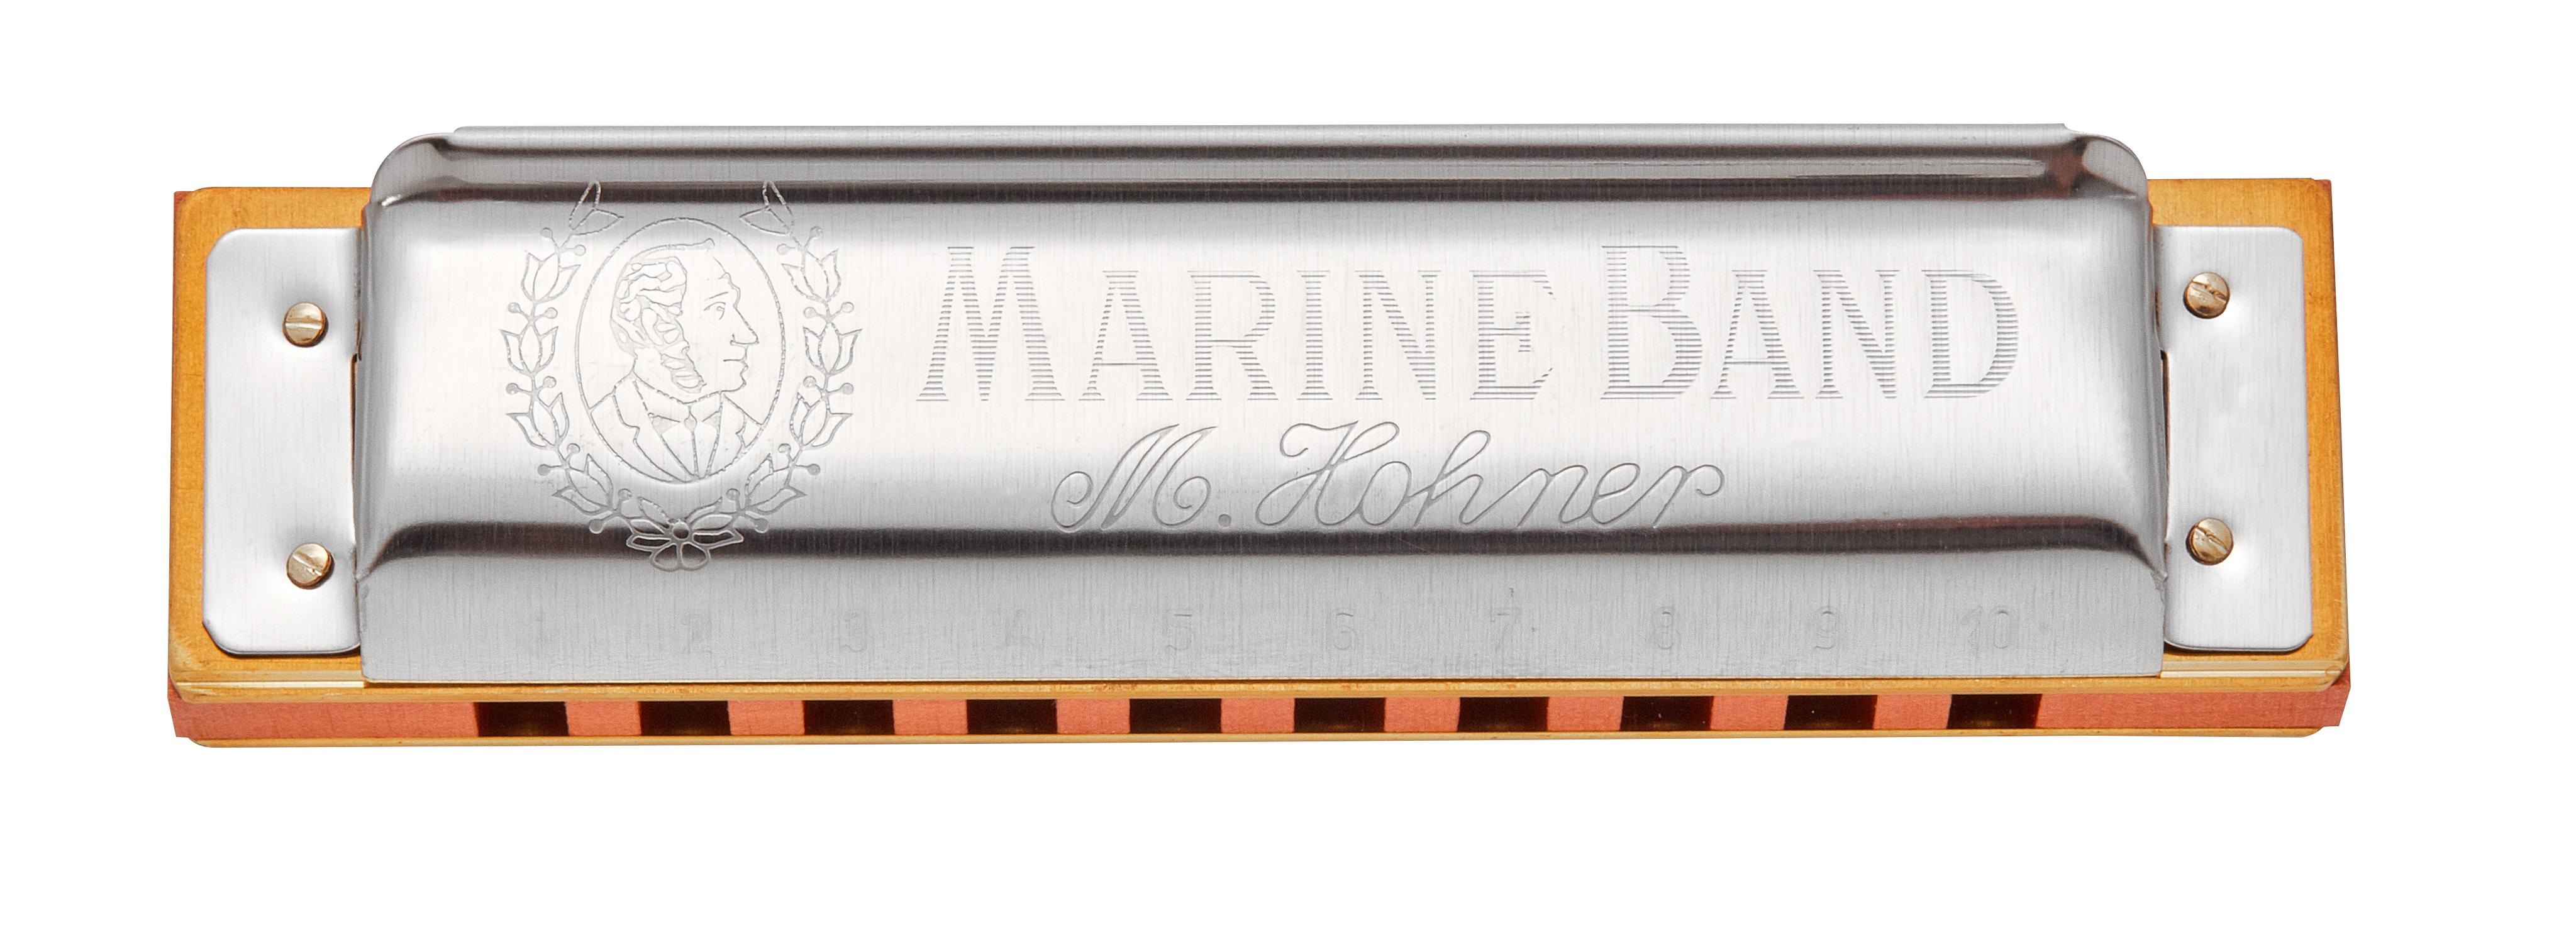 Hohner Marine Band 1896 Ab-harmonic minor